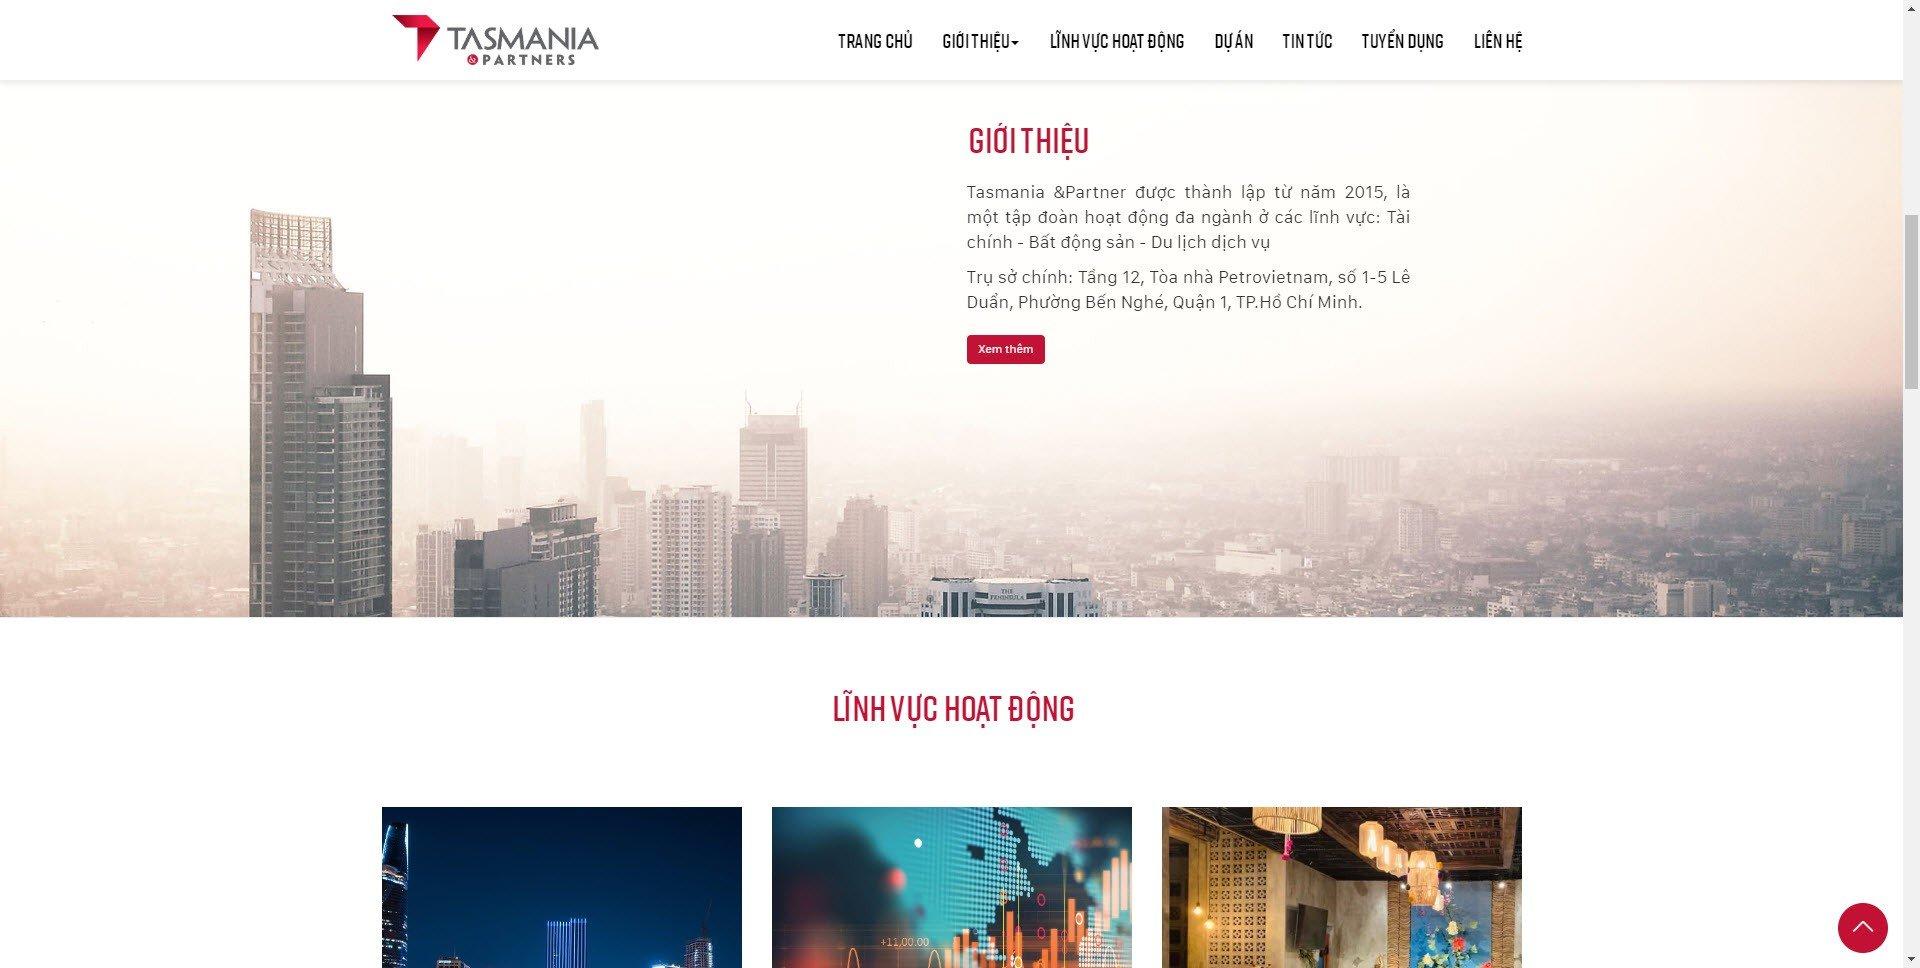 Giao diện website thương hiệu tasmaniapartners.vn - Hình 2